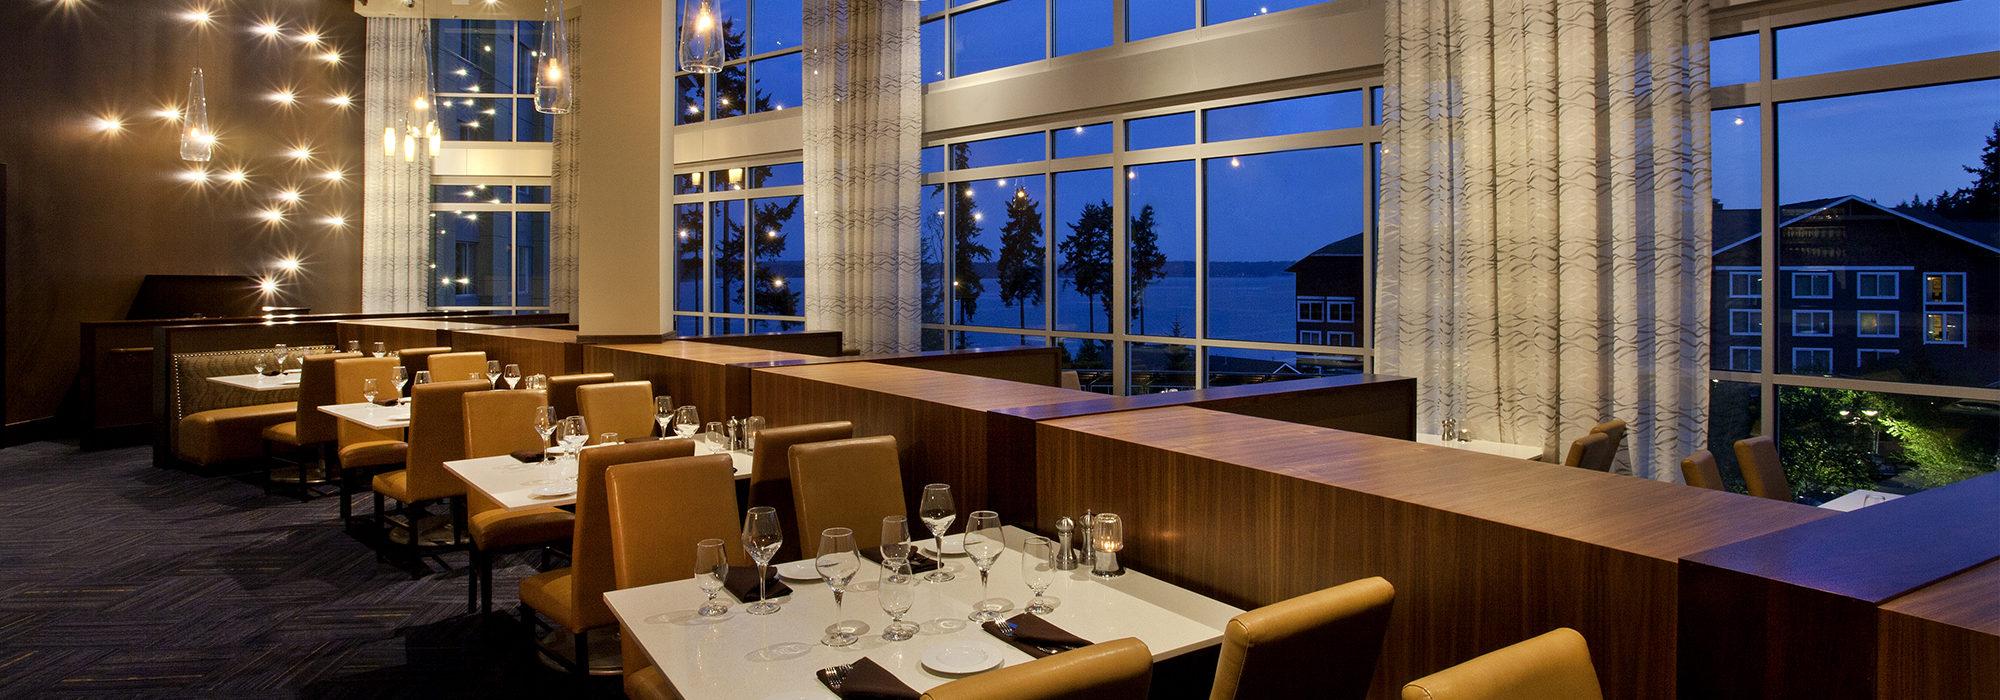 Suquamish   clearwater restaurant